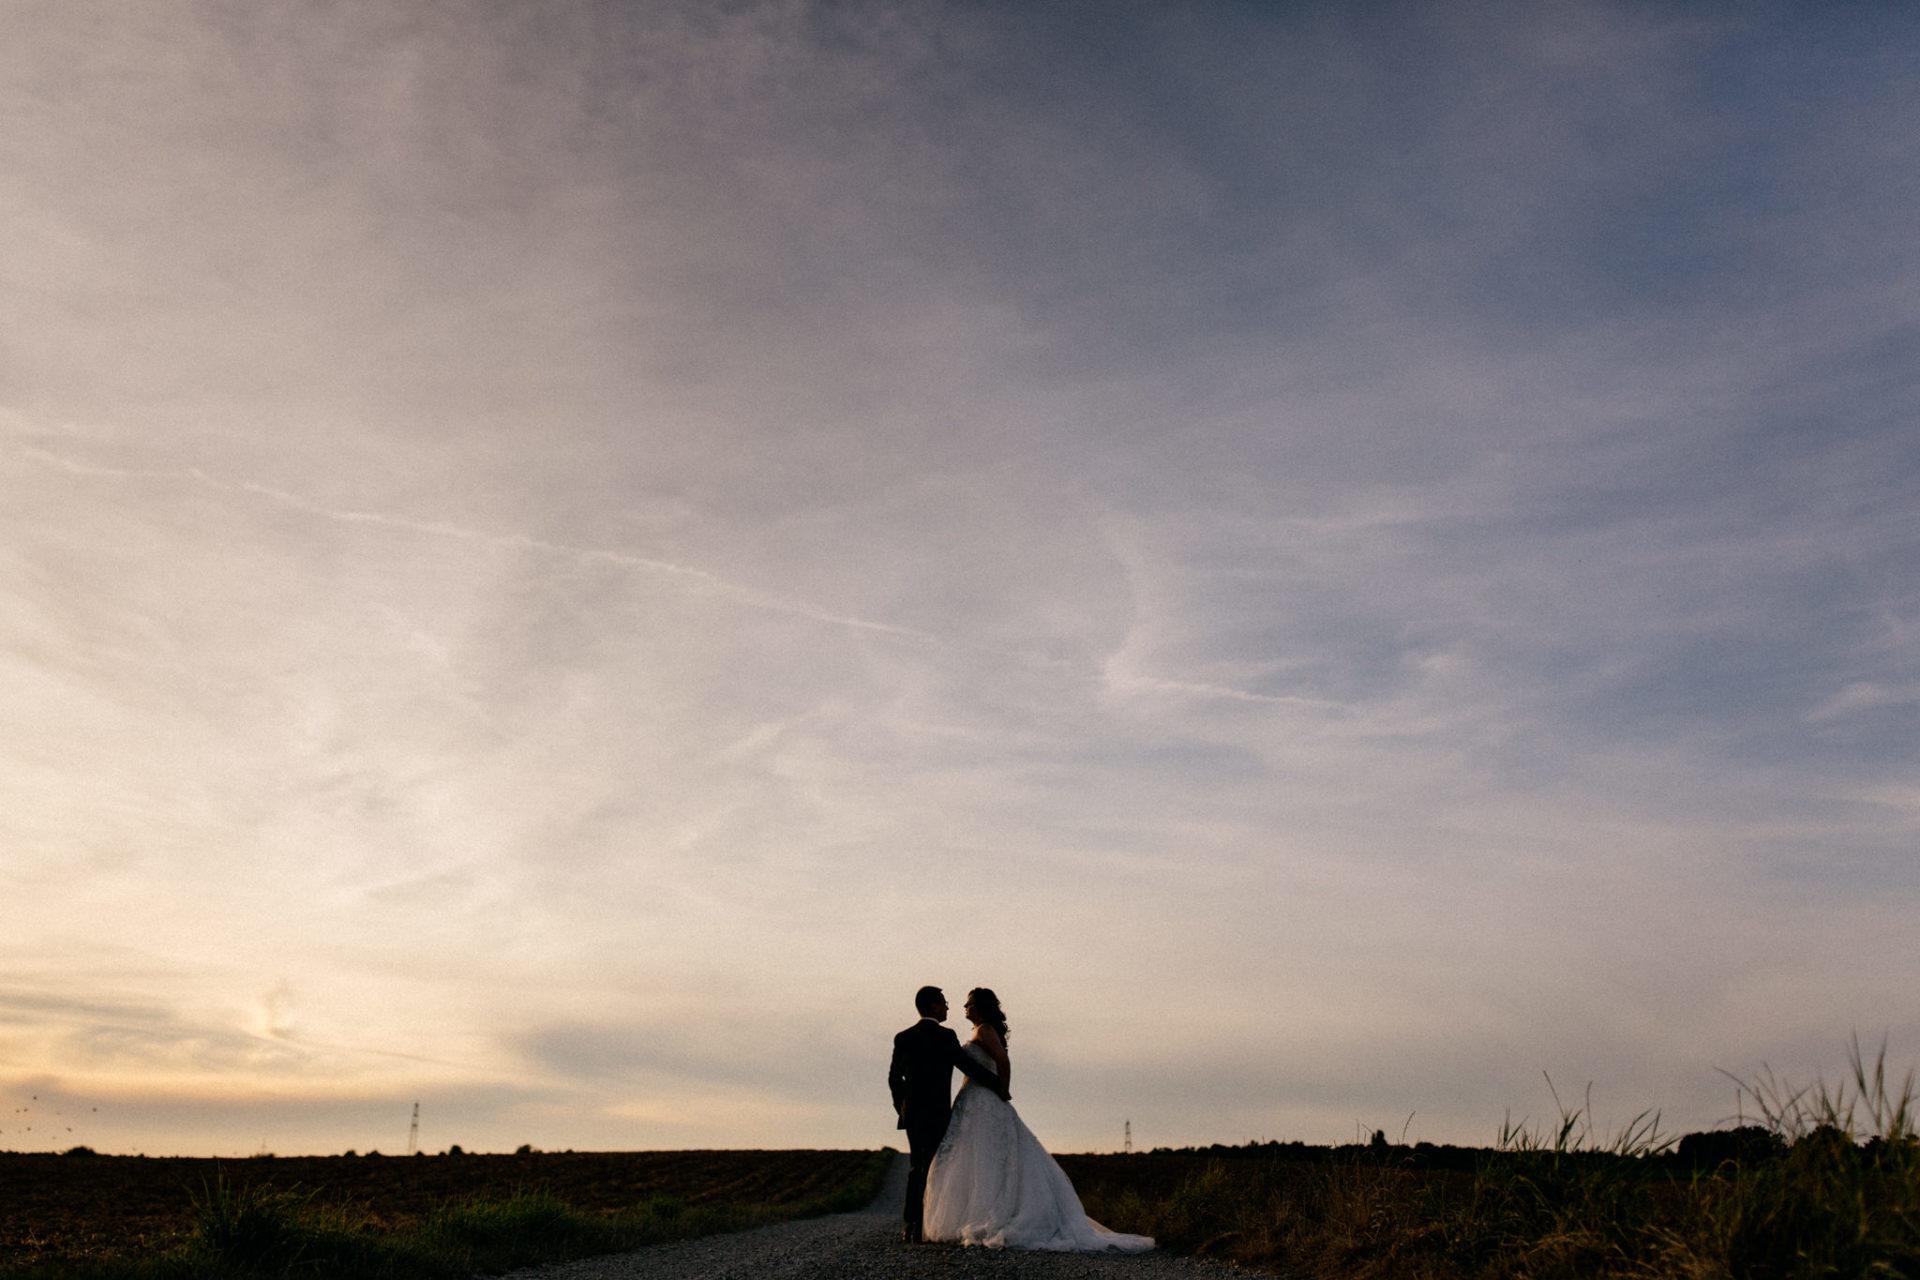 hochzeitsfotograf schloss heinsheim-elegant heiraten-Schafstall Heinsheim-sonnenuntergang portraits-brautpaar-kreative hochzeitsbilder